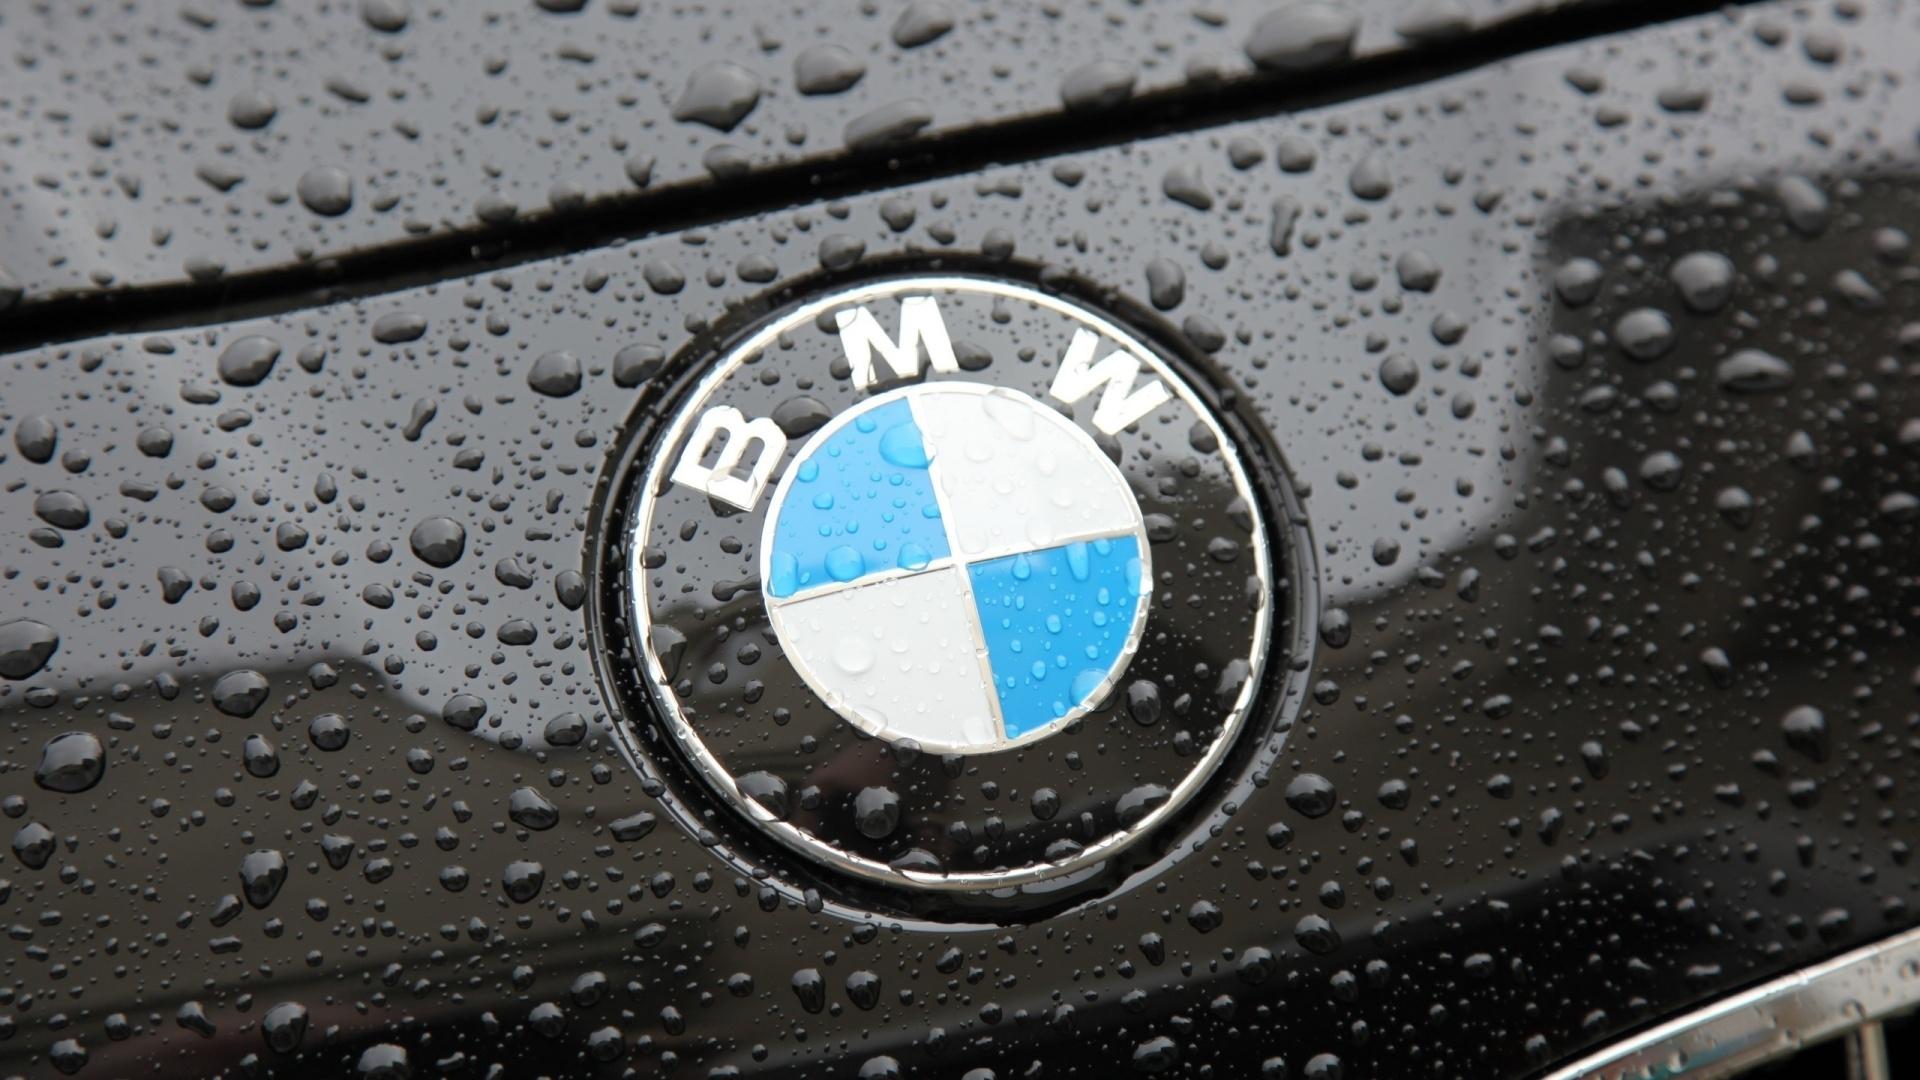 BMW Logo Wallpaper 3576 1920x1080 px High Resolution Wallpaper 1920x1080